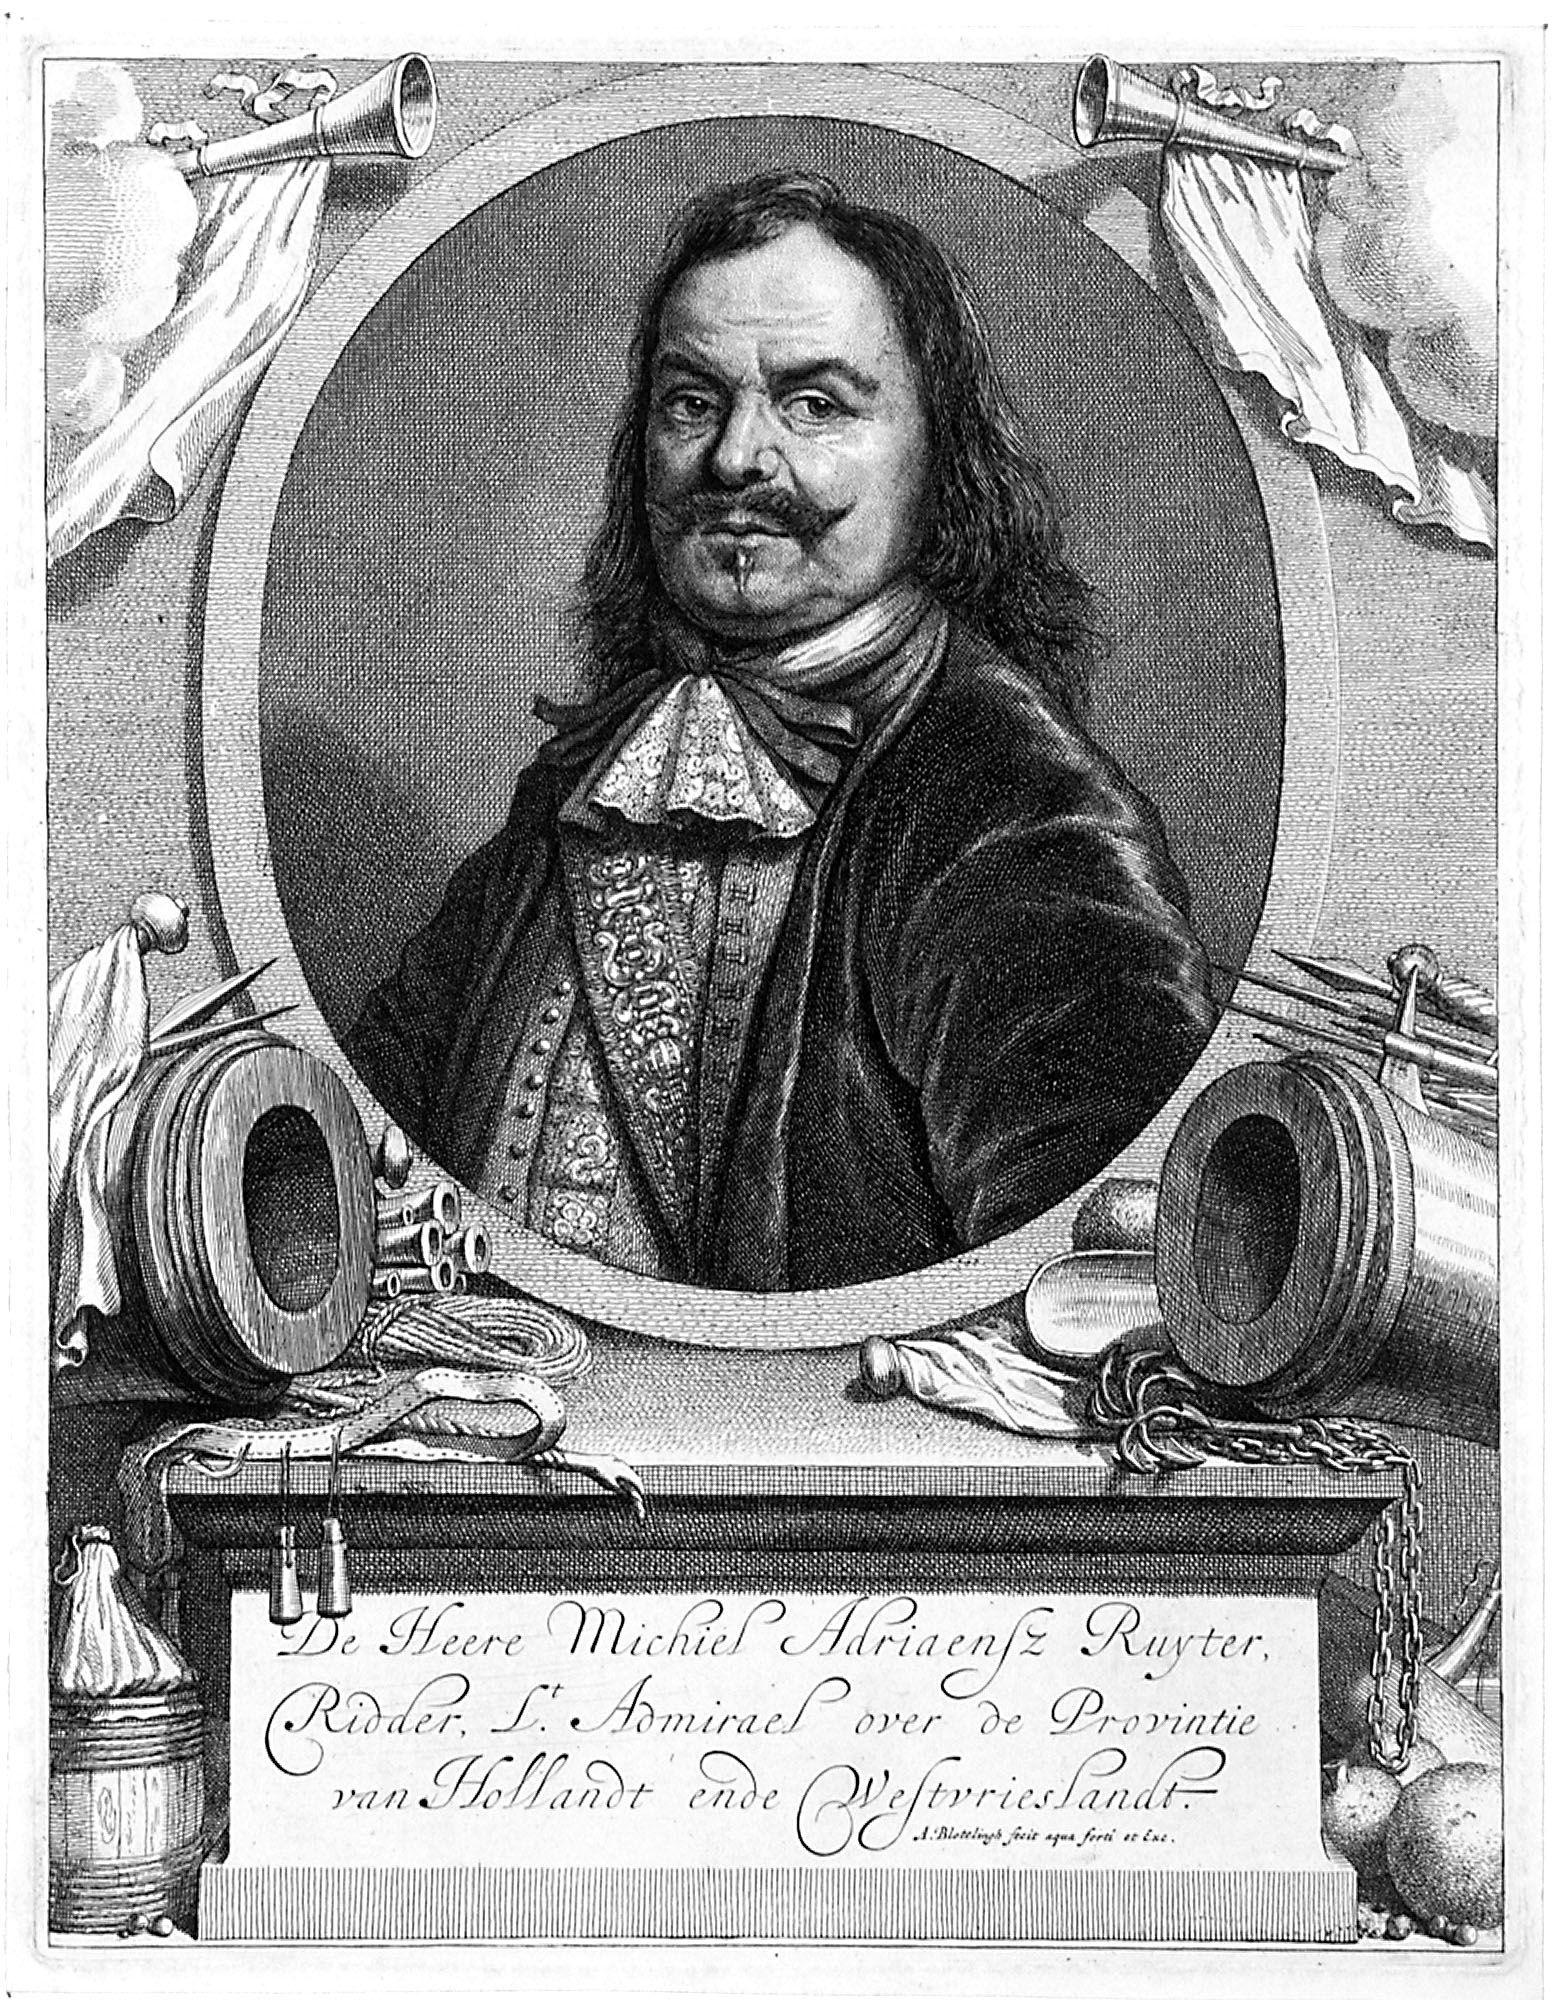 Kopergravure van De Ruyter als luitenant-admiraal. (Zeeuws Archief, collectie Zeeuws Genootschap, Zelandia Illustrata)